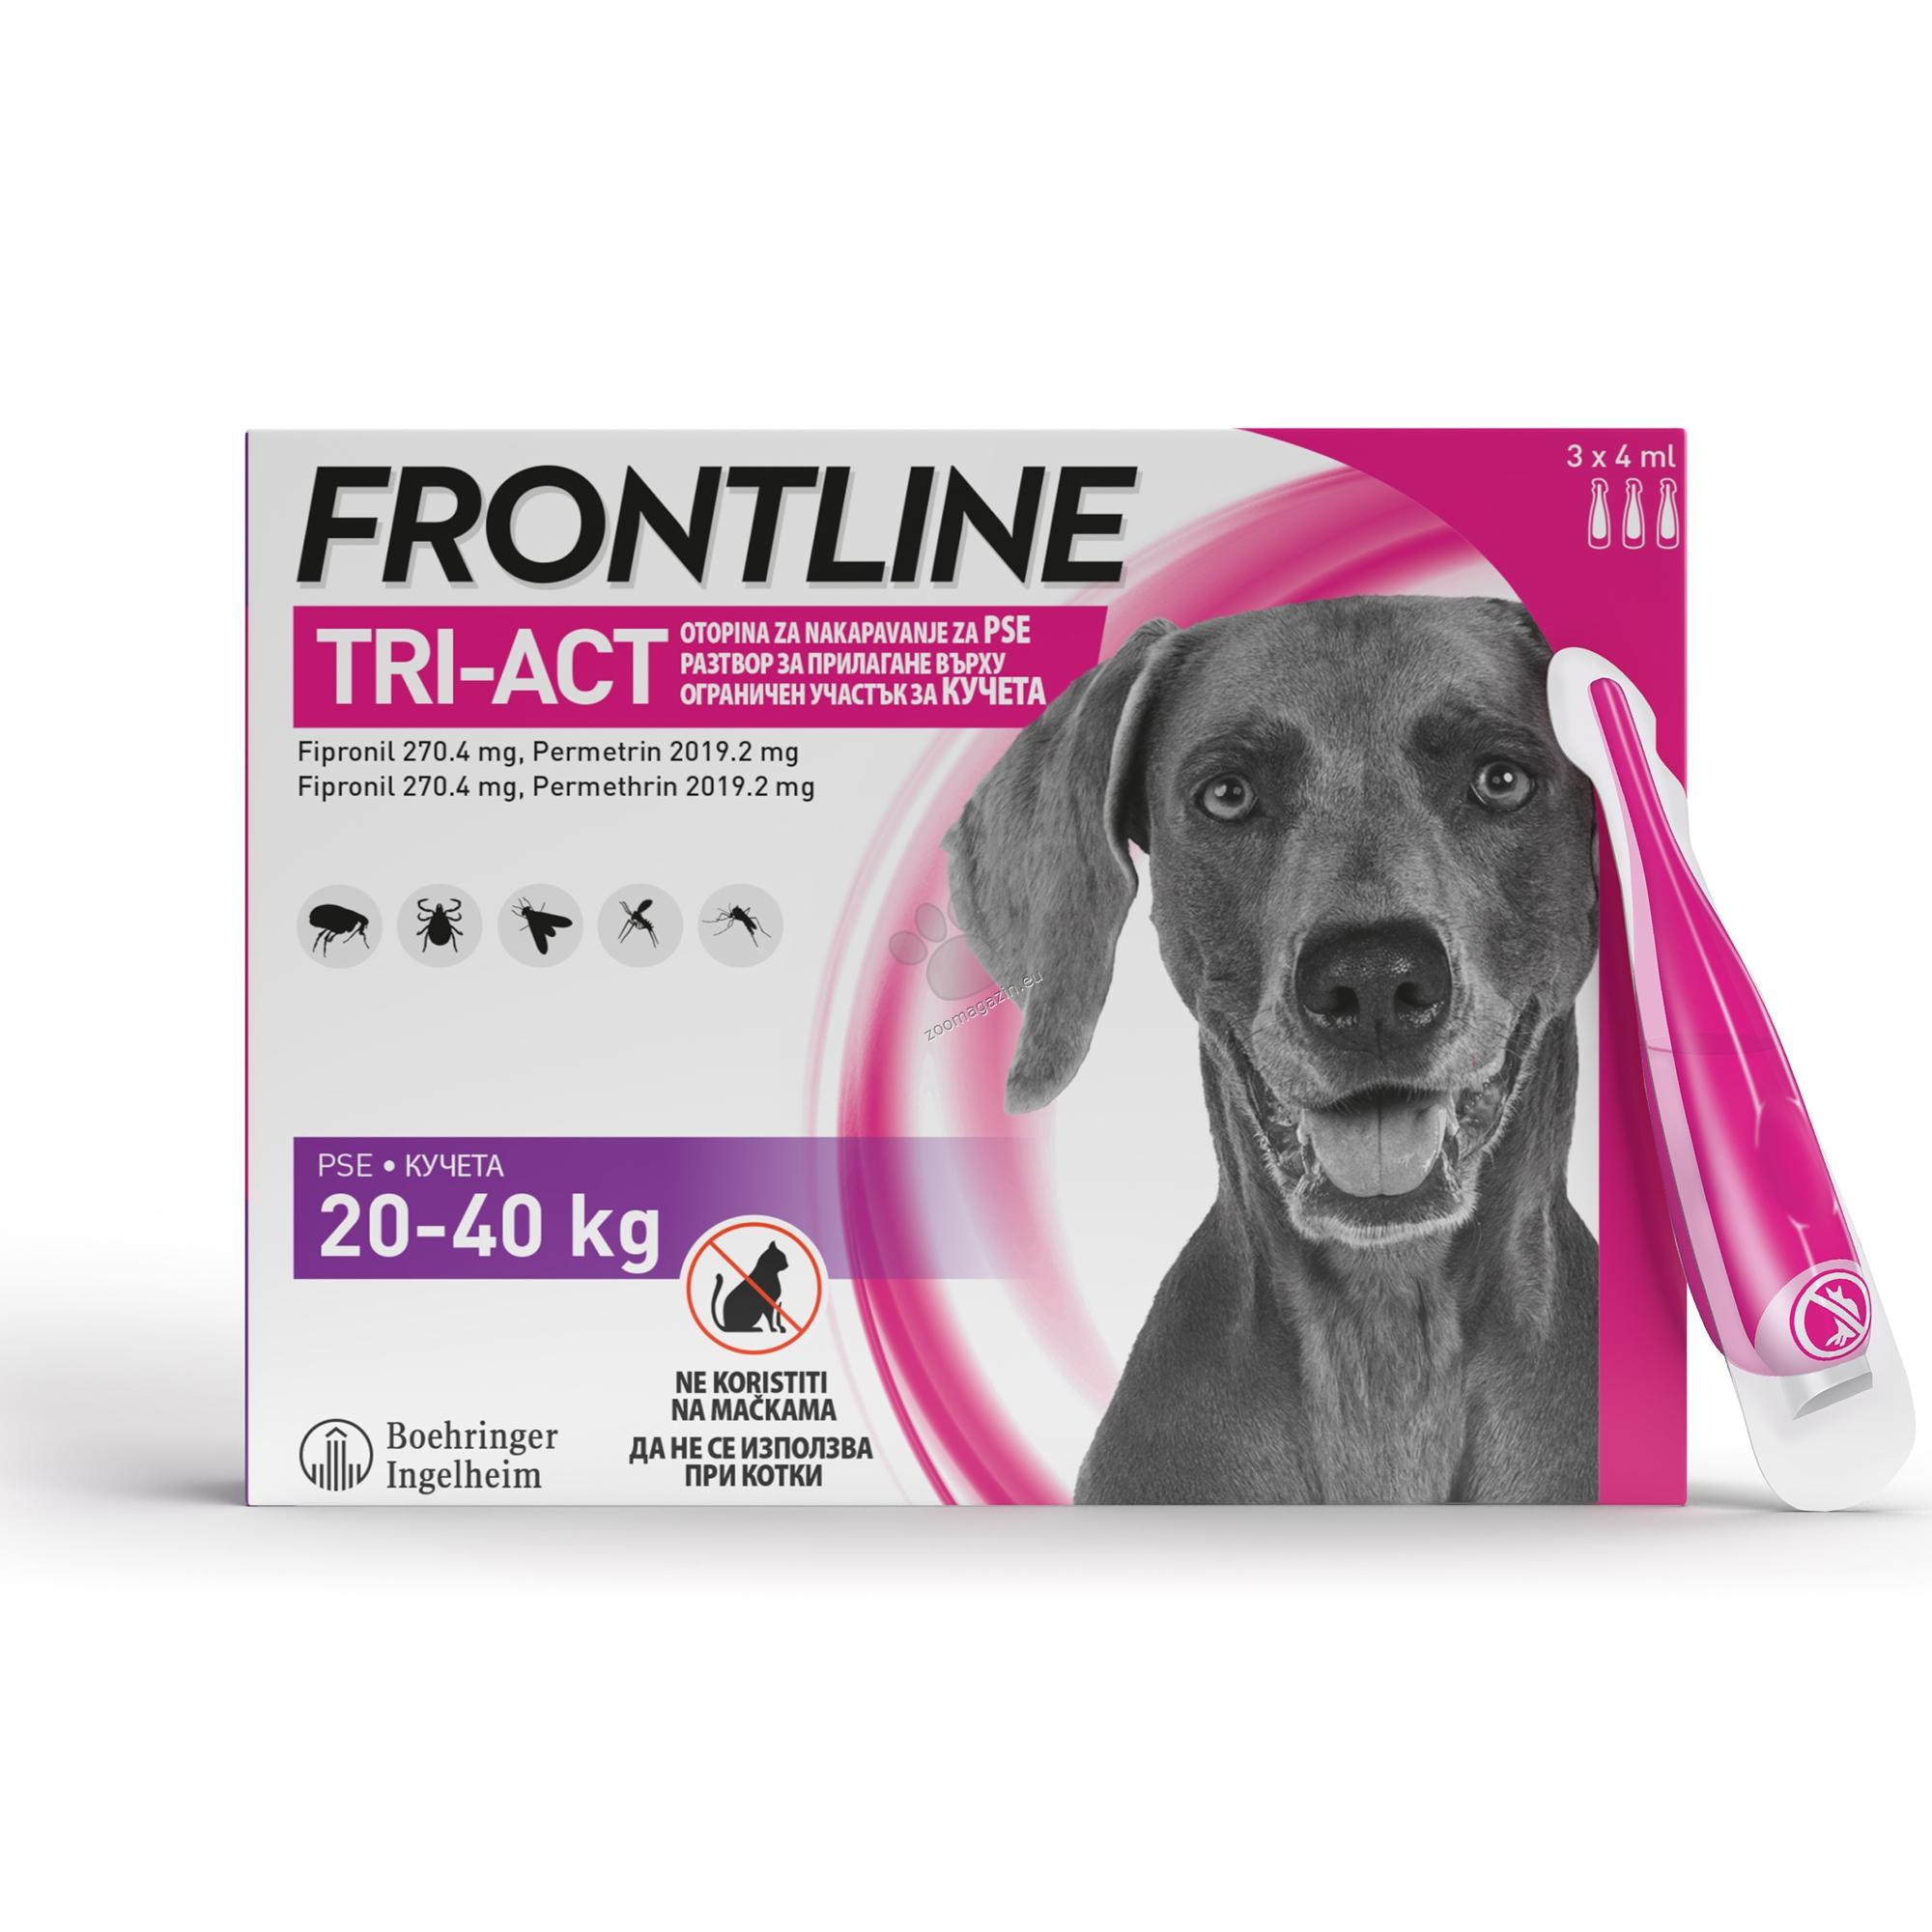 Frontline Tri-Act L - Спот он форма с разтвор против бълхи и кърлежи, с репелентно действие срещу кърлежи, пясъчни мухи, хапещи мухи и комари за кучета с телесно тегло 20-40 кг . / 3 броя пипети /